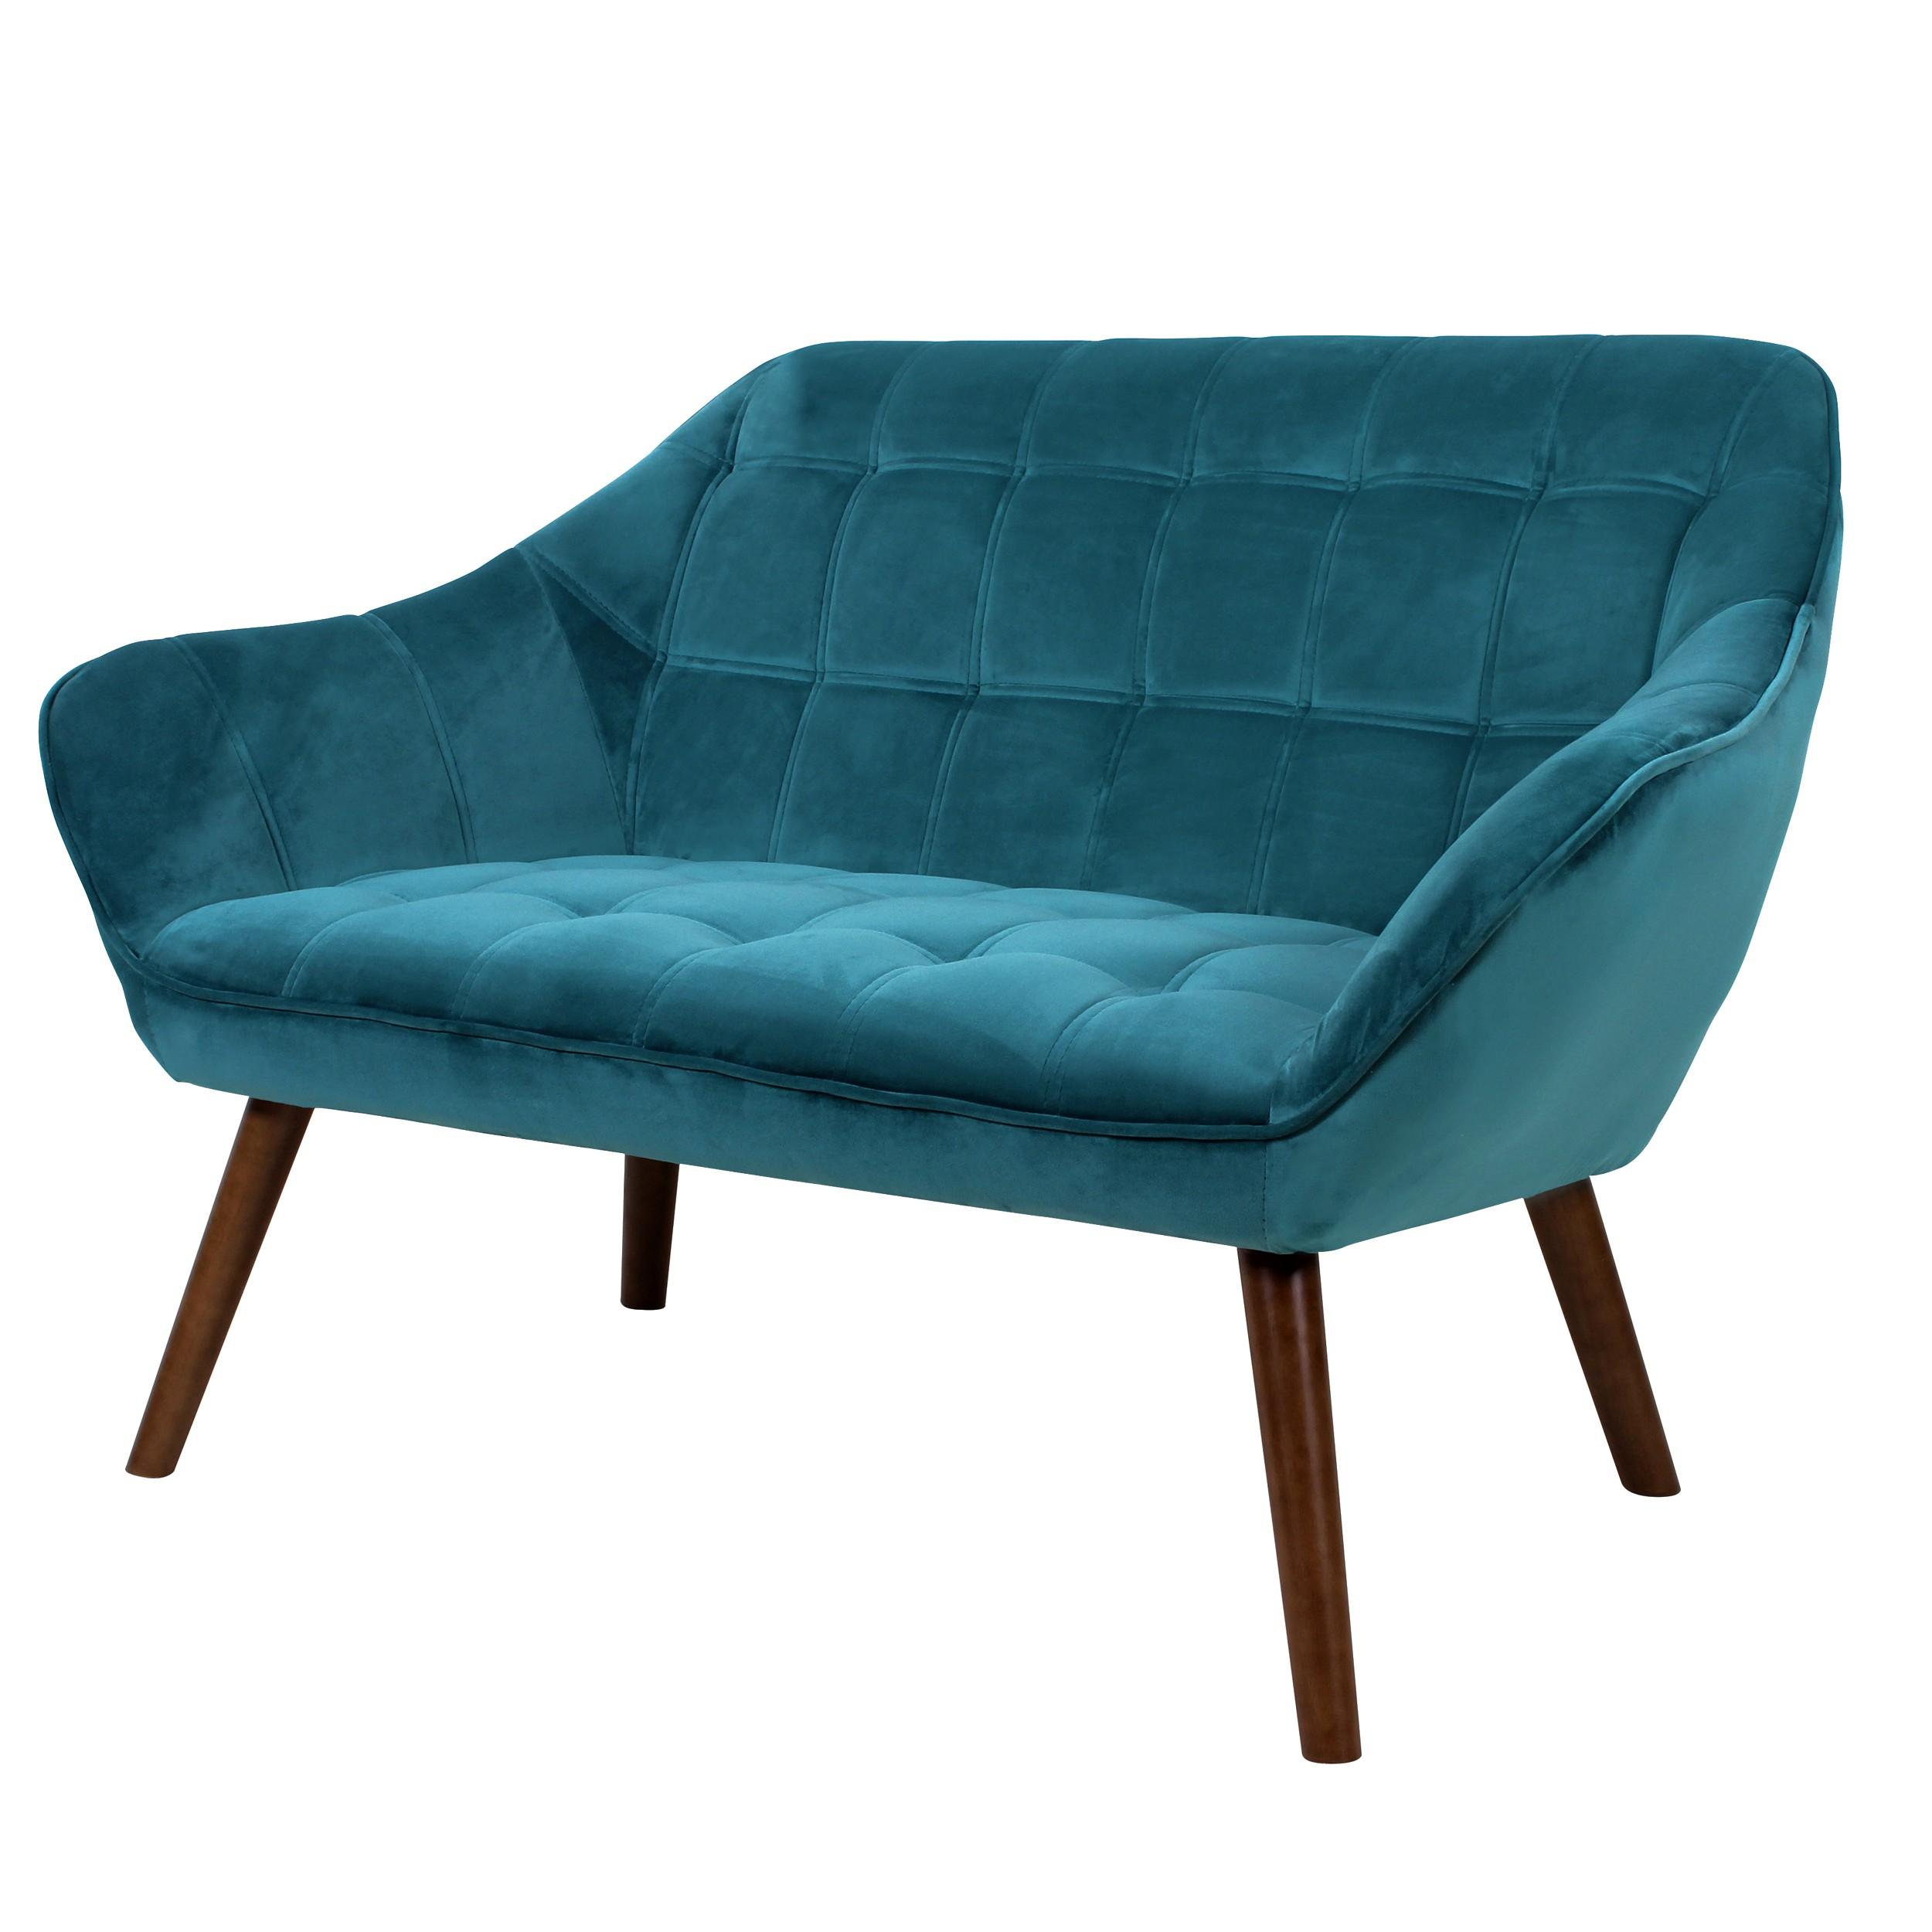 Canapé Benjamin 2 places en velours bleu turquoise